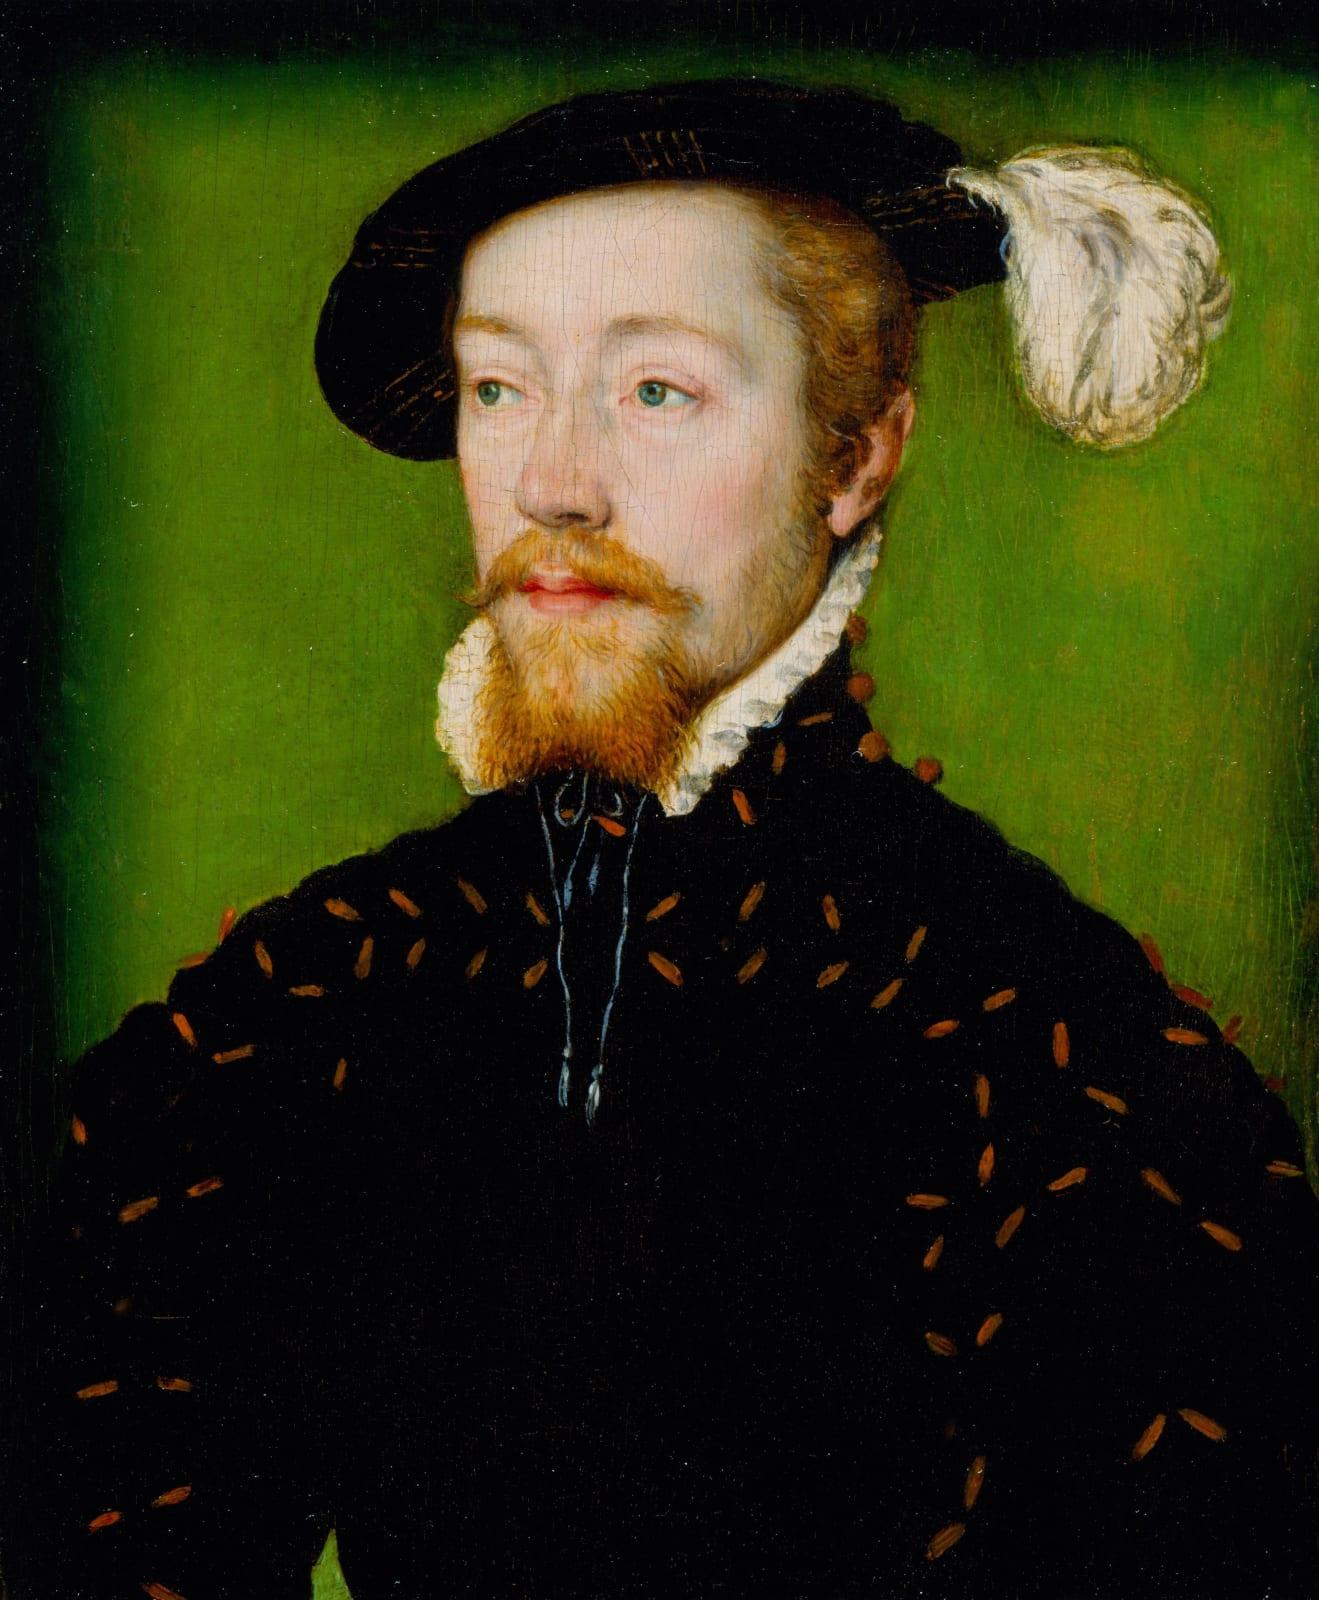 James V of Scotland (1512-1542)